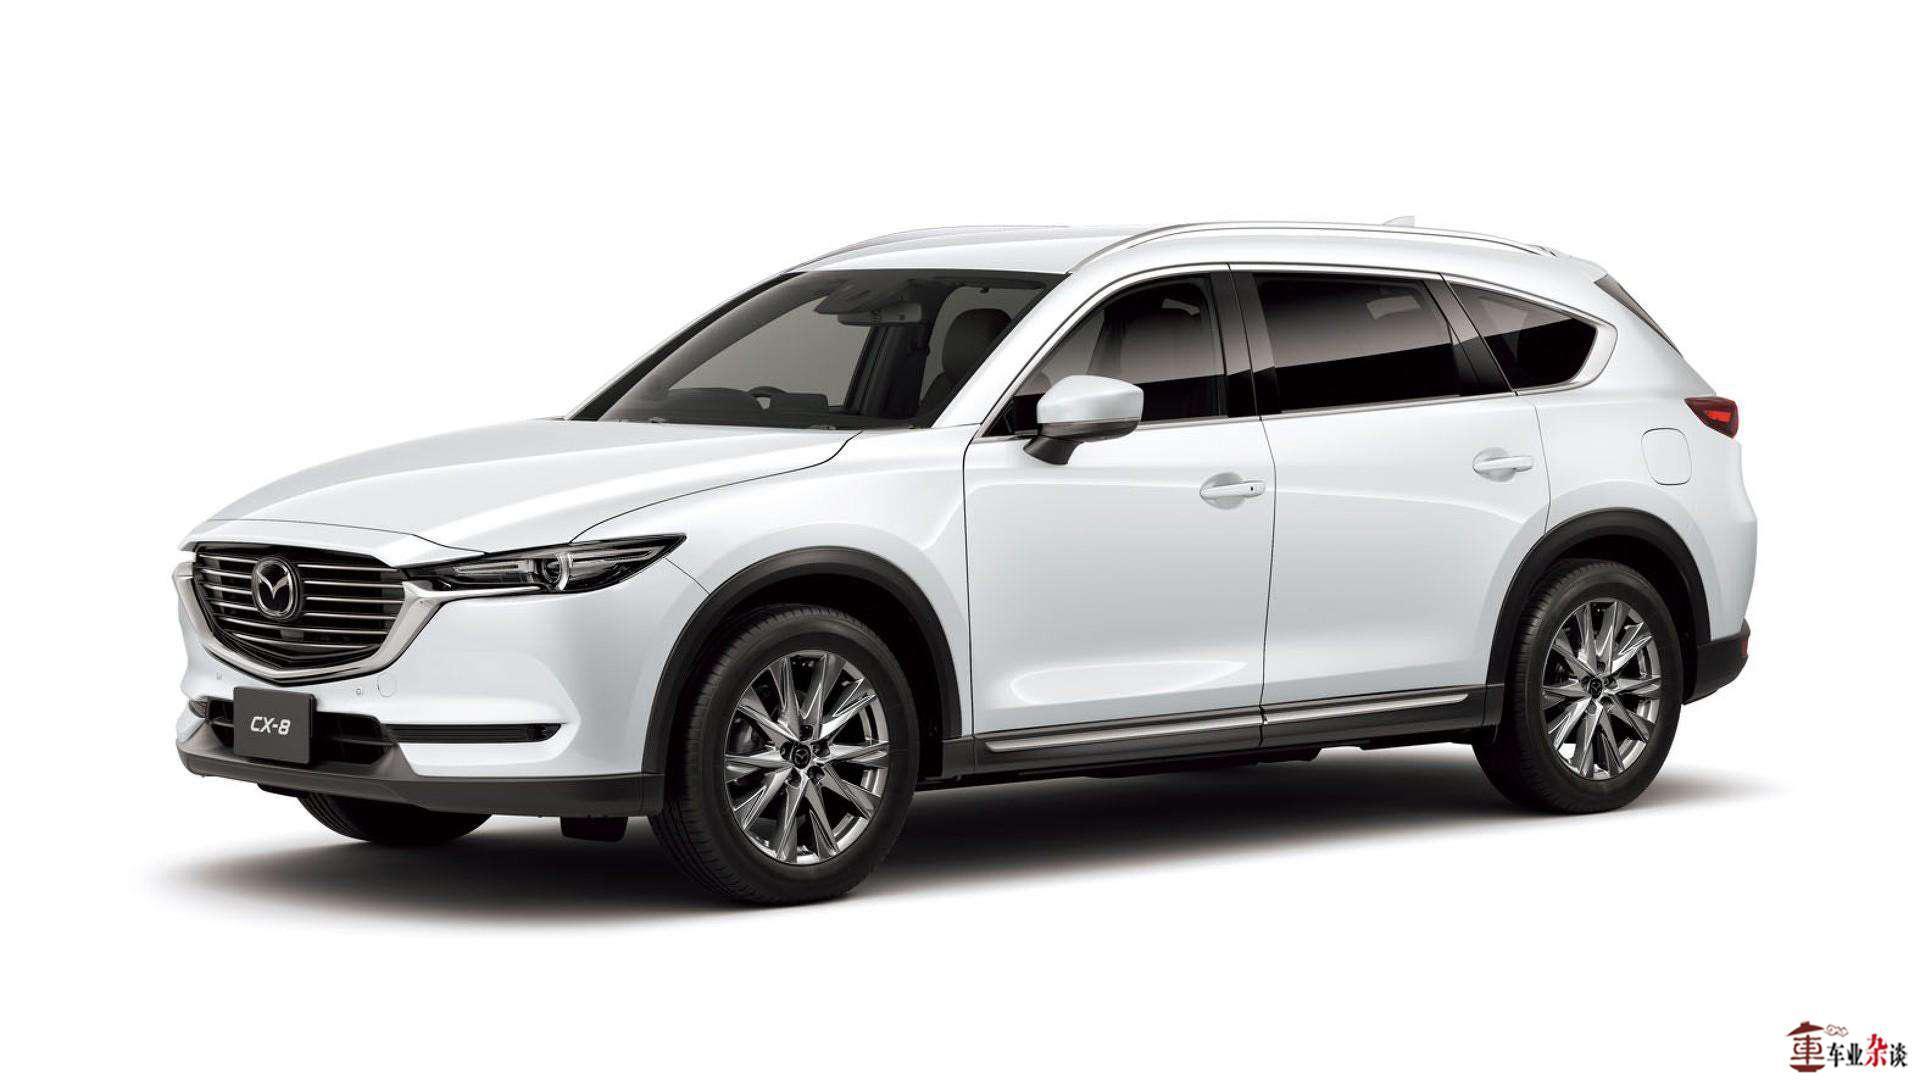 2018年中大型SUV市场注定火热,这些重磅车型即将上市 - 周磊 - 周磊